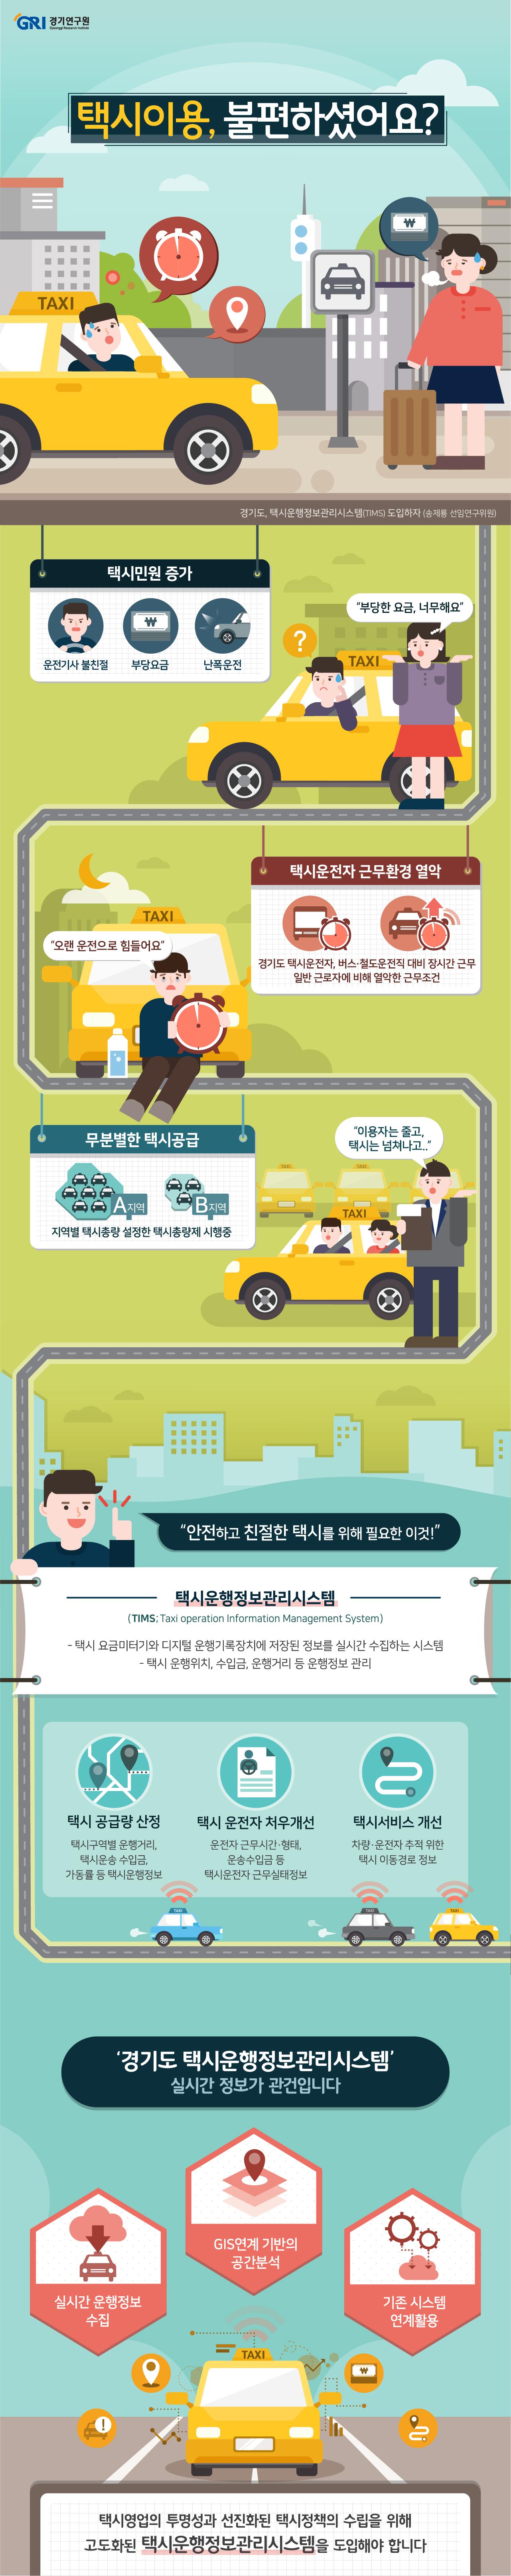 택시운행정보관리시스템(TIMS)은 택시 운행기록장치와 요금미터기에 저장된 수입금, 운행위치, 운행거리 등의 운행정보를 수집하고 관리하는 시스템이다. 택시운행정보관리시스템은 (1)운송수입금 (2)택시운행정보 (3)운전자 근무실태 등을   실시간으로 관리가 가능하다. 전국 택시의 14.5%인 3만 7천여 대의 경기도 택시는 운행정보관리시스템의 부재로 택시정보에 대한 과학적인 관리가 미흡하다. 요즘은 택시 운전직 종사자들의 영업 및 근무 실태에 대한 관리도 필요한 실정이다. 택시영업의 투명성과 선진화된 택시정책의 수립을 위해서는 경기도에 택시운행정보관리시스템의 도입이 필요하다.   서울시와 대전시는 택시운행정보관리시스템을 기 구축하여 운영하고 있다. 2012년에 구축된 서울시 택시운행정보관리시스템은 ㈜한국스마트카드사에서 카드단말기의 통신기능을 활용하여 실시간으로 택시 위치정보 및 운행정보 등을 수집 관리하고 있다. 국토교통부가 2015년에 시범사업으로 구축한 대전시 택시운행정보관리시스템은 콜센터에 수집된 법인택시의 요금미터기 수입금과 운행정보 중심으로 관리하고 있다. 그래서 현재 대전시 시스템은 고도화 작업을 추가 진행 중이다.    경기도 택시운행정보관리시스템은 서울시보다 더 고도화된 시스템으로 구축이 되어야 한다. 경기도 택시운행정보관리시스템은 실시간으로 수입금, 운전자정보, 위치정보, 이용특성, 수요 대비 공급 현황 분석이 가능한 시스템으로 도입될 필요가 있다. 또한 택시운행정보관리시스템이 택시의 운행궤적과 공간적으로 차량의 분포를 실시간으로 조회할 수 있어야 한다. 경기도 택시운행정보관리시스템에서 제공하는 택시운행정보는 택시영업의 투명성 확보, 전액관리제 기반조성, 택시서비스 개선 등 다양한 용도로 활용될 수 있다.    경기도 택시운행정보관리시스템은 국토교통부의 계획에 따라 1단계로 법인택시만을 대상으로 2017년에 먼저 추진하고 고도화 단계인 2단계에서는 개인택시를 포함하여 2018년에 구축토록 한다. 경기도에 적합한 택시운행정보관리시스템을 구축하기 위해서는 경기도가 독자적으로 시스템을 구축하는 방안도 필요할 수 있다. 경기도형 택시운행정보관리시스템이 구축되면 효율적인 시스템의 업그레이드와 유지관리가 가능할 것으로 기대한다.